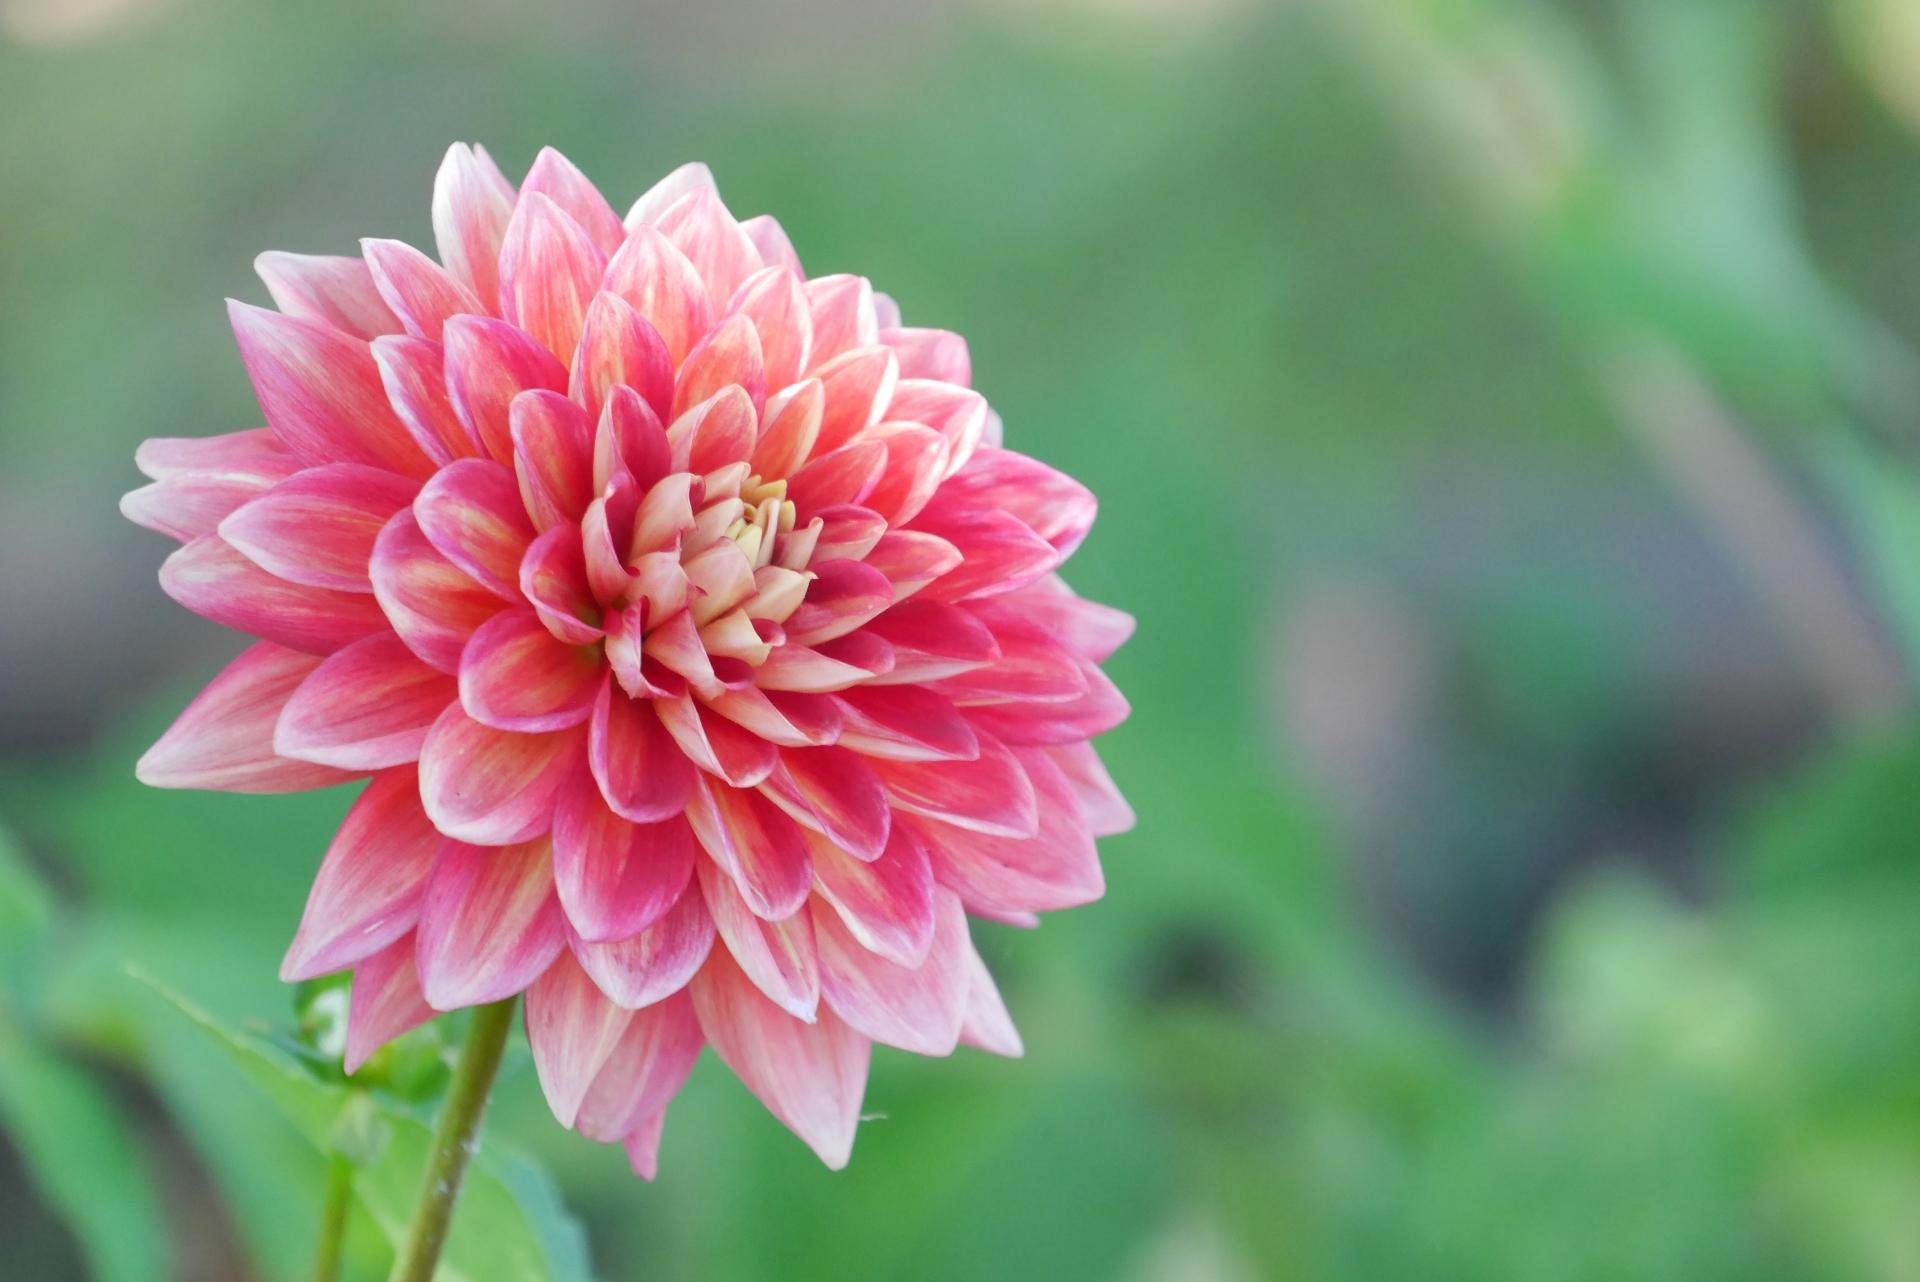 ガーデン用品屋さんの花図鑑 ダリア